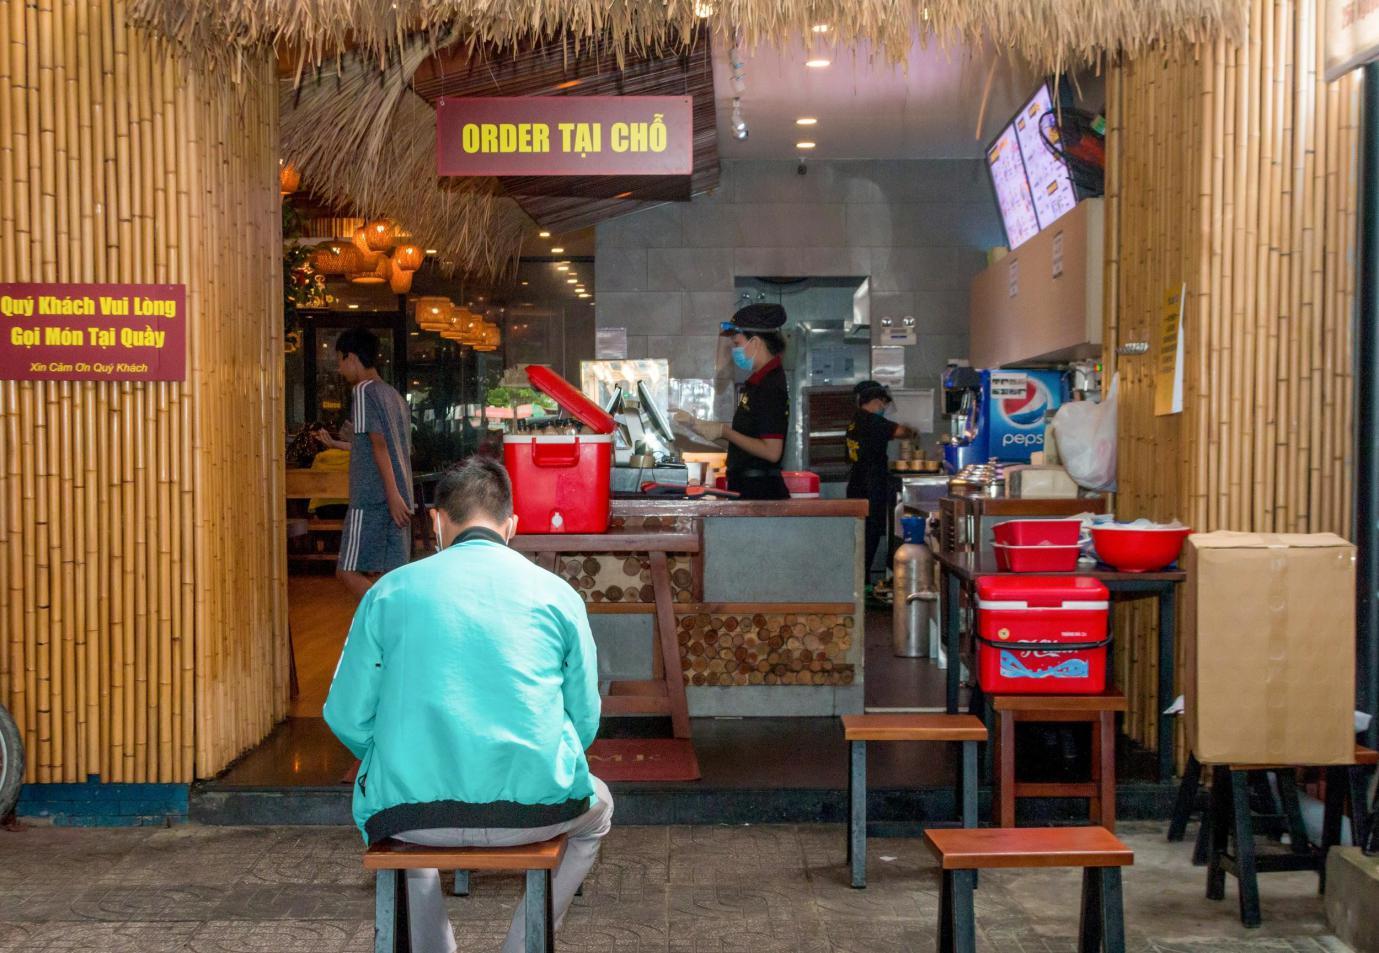 Quán này hay phết - những nhà hàng đạt 'chuẩn' BAEMIN nhờ chất lượng dịch vụ và sự đối xử tận tâm của Đối tác giao đồ ăn - Ảnh 2.